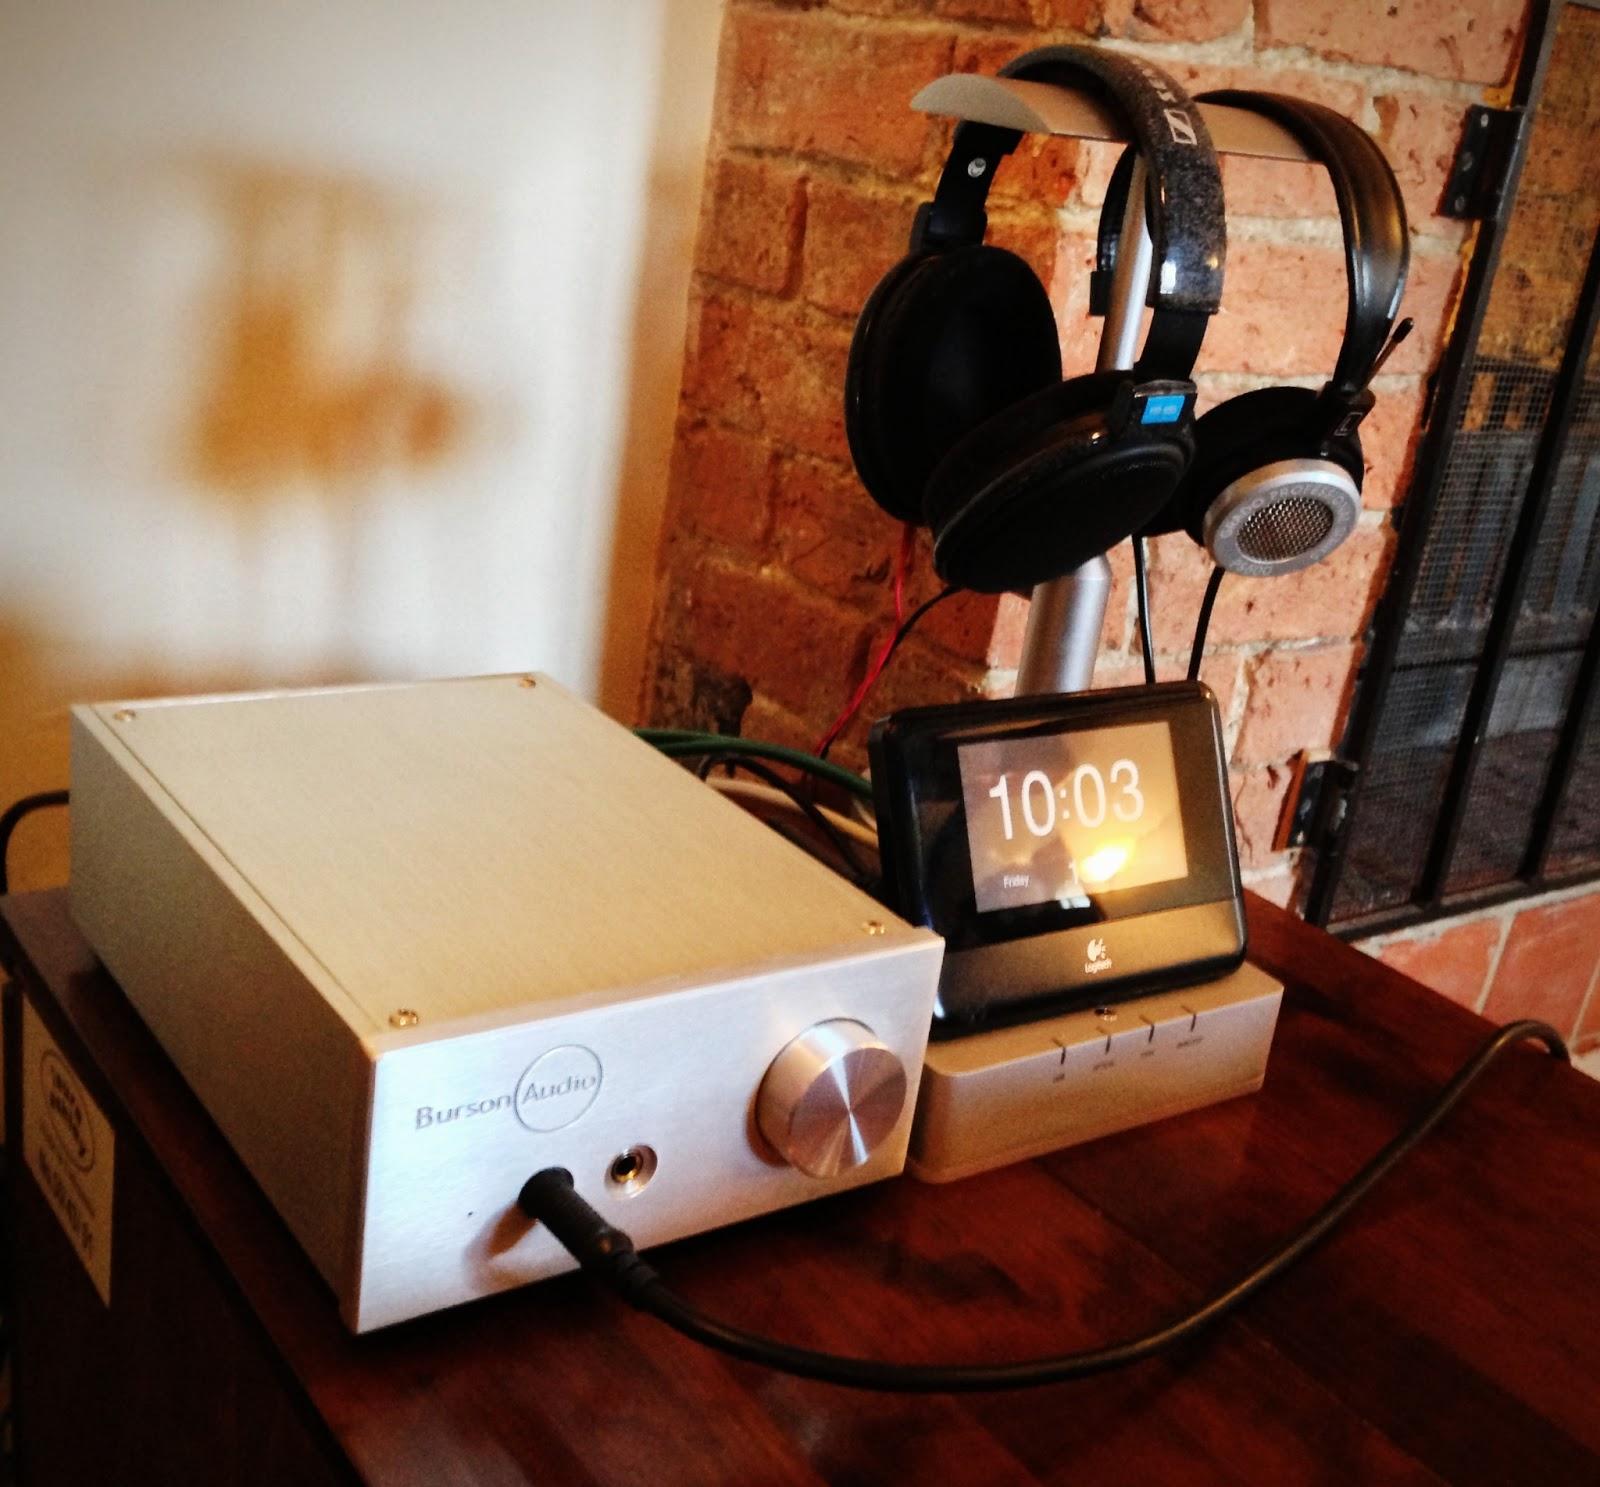 Arcam rDAC Grado PS 500 headphone amplifier